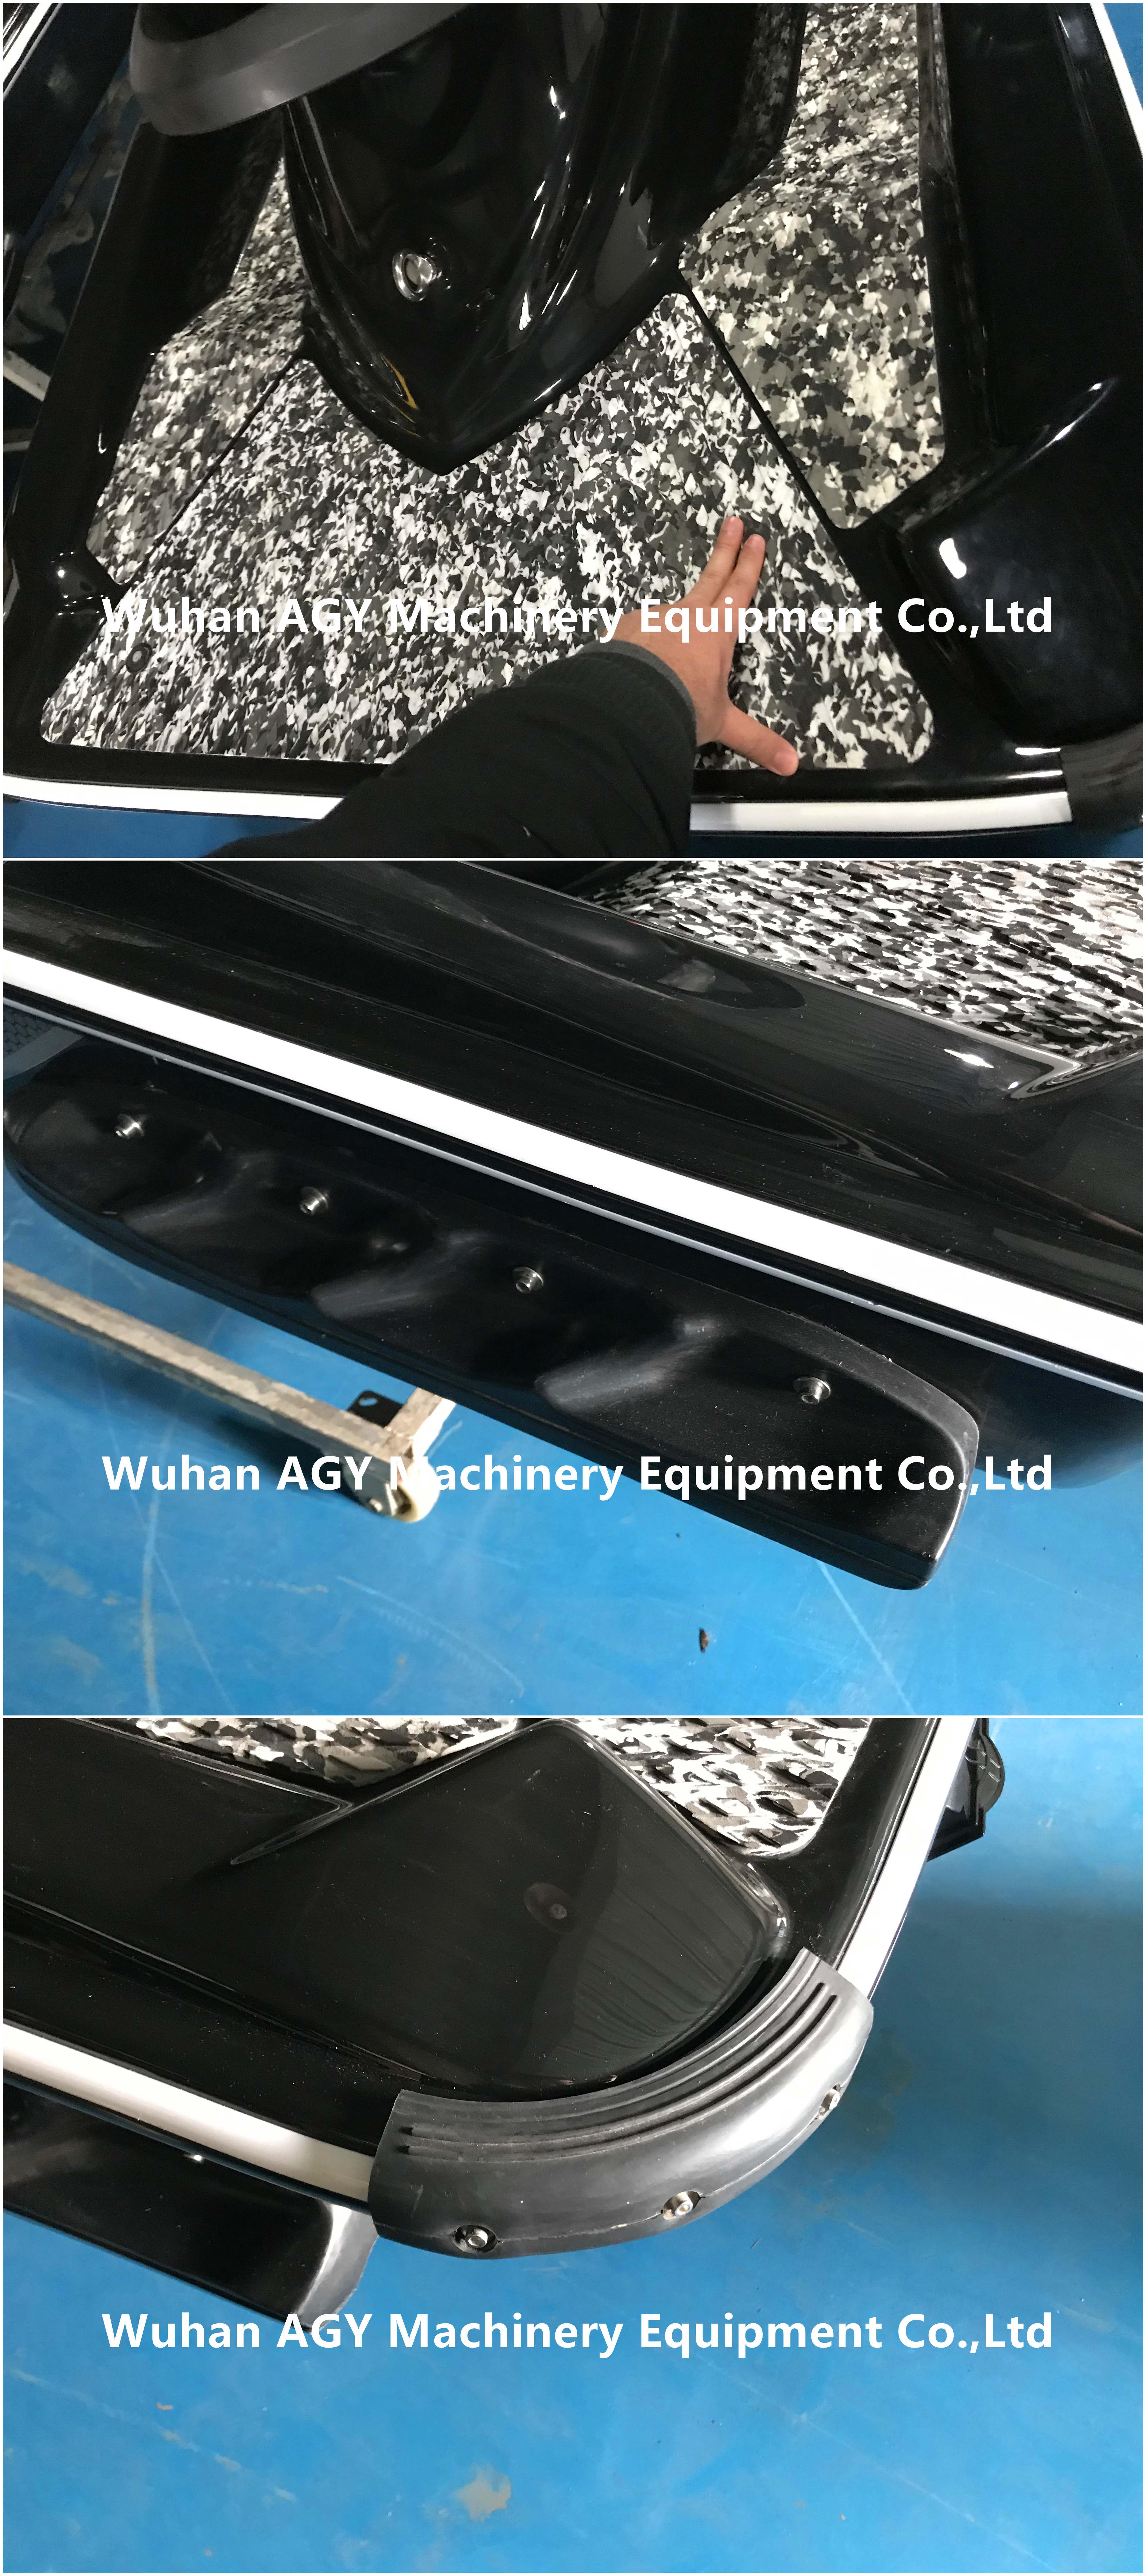 AGY 1300cc बिक्री के लिए 3.1 m विशाल शक्ति जेट स्की